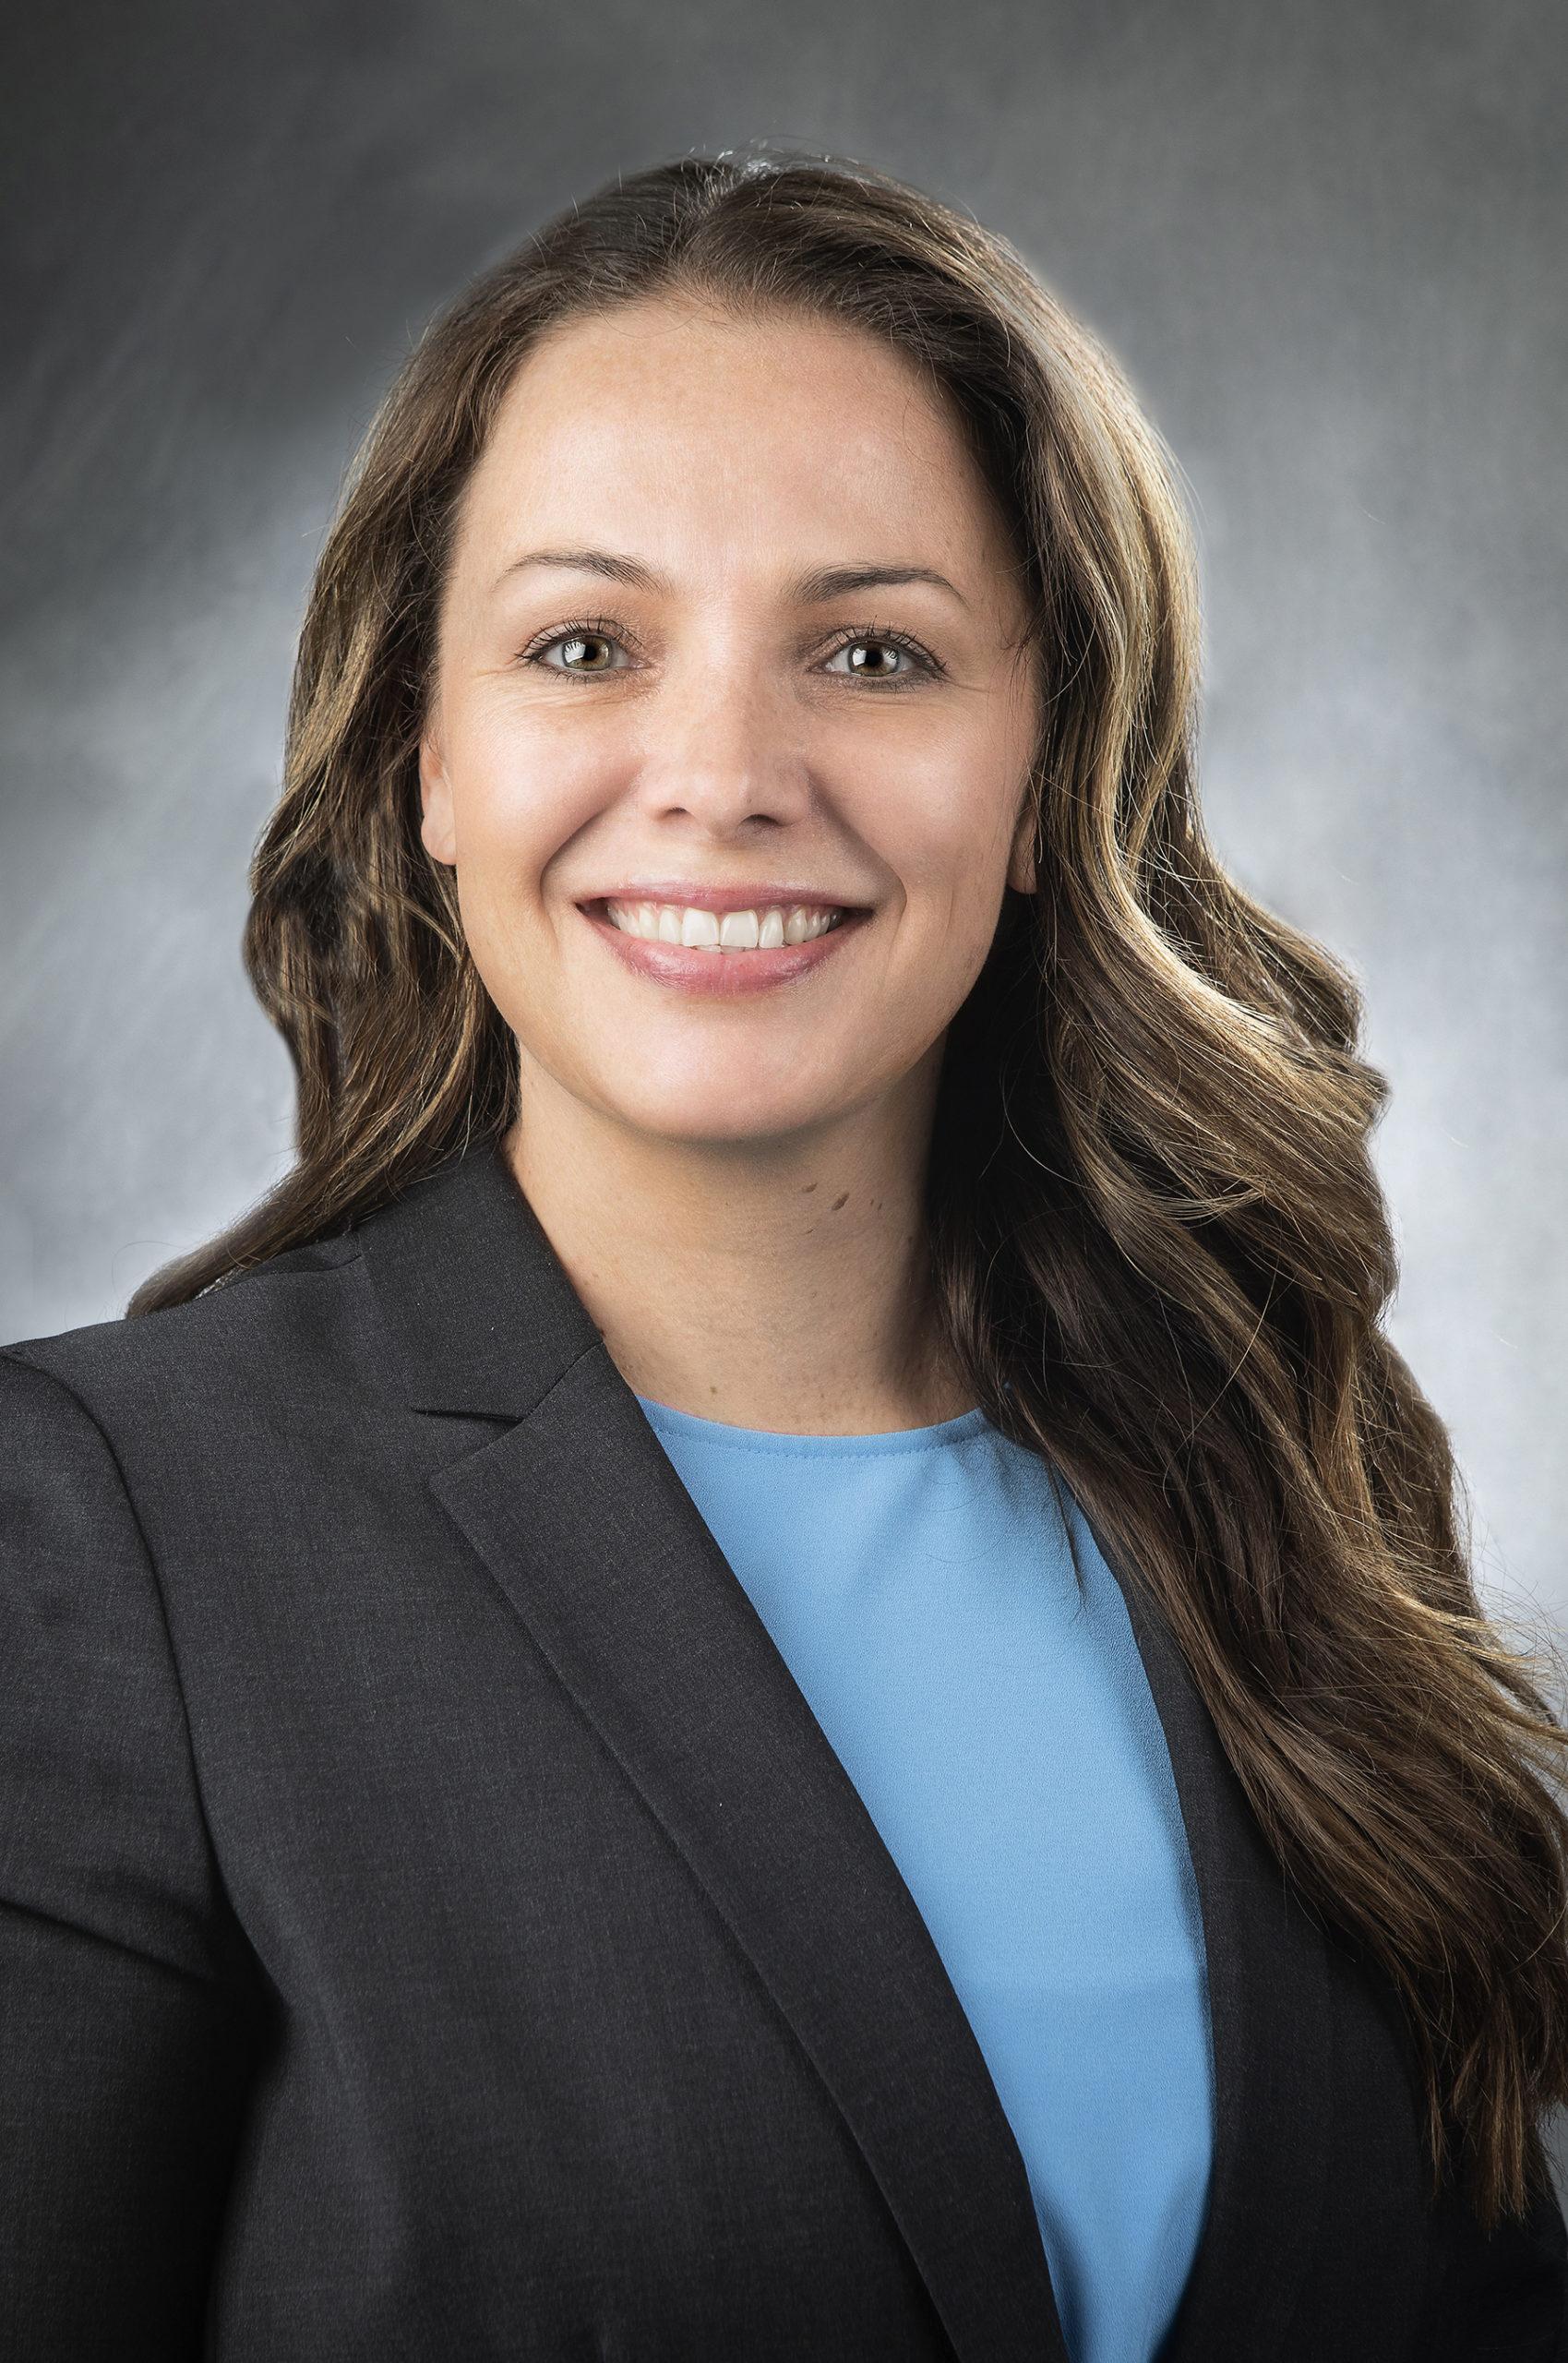 Monica Derrick, of counsel